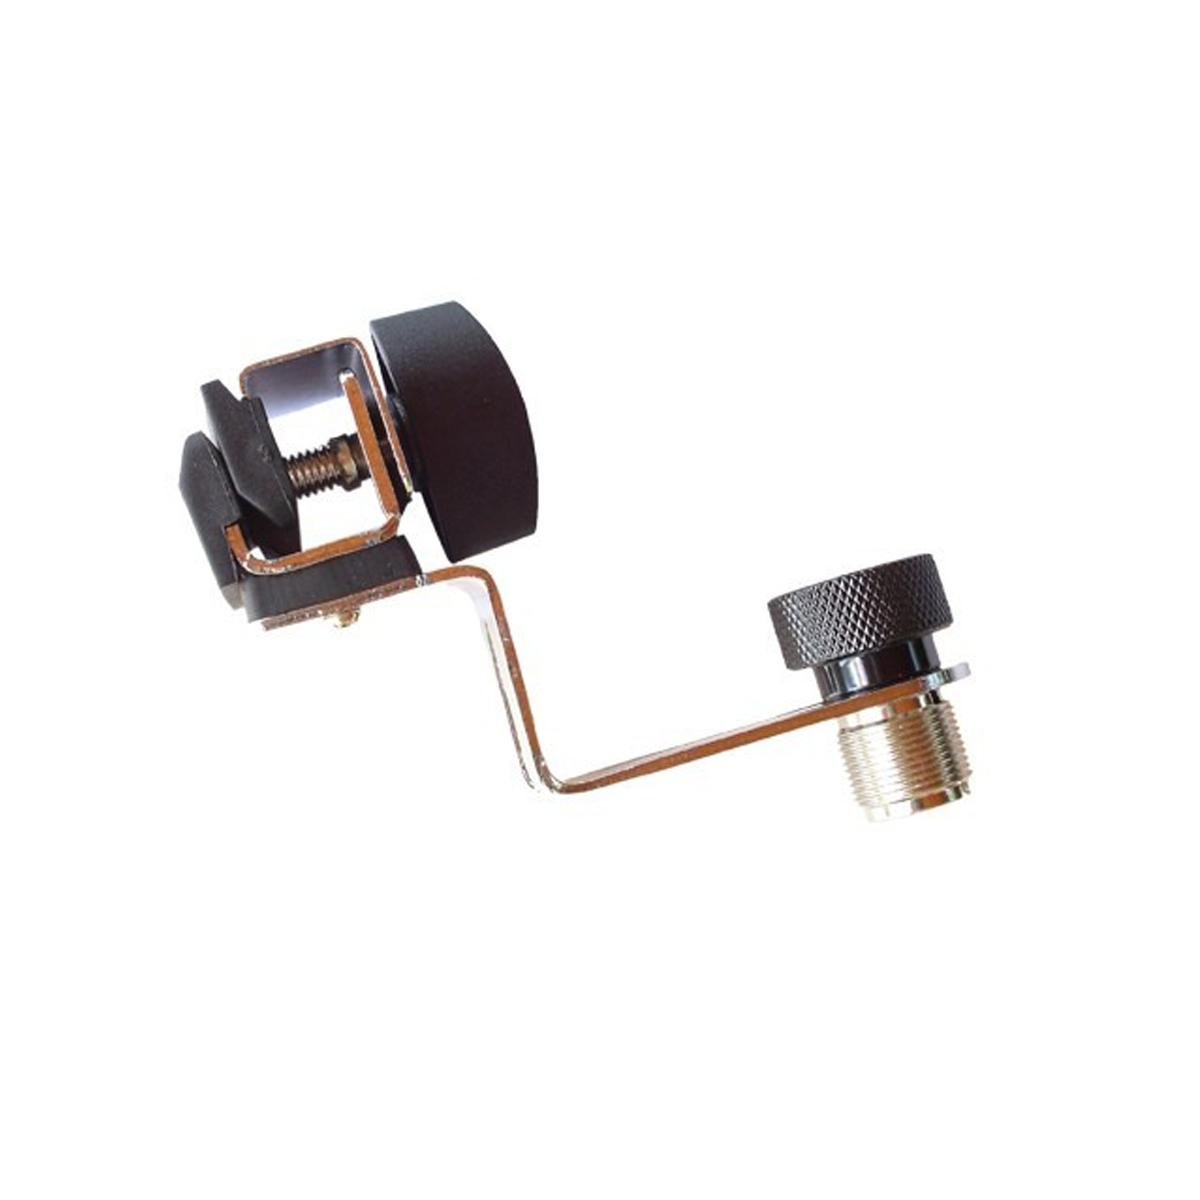 Garra Clamp Para Microfone De Bateria Sdh-032 - Csr